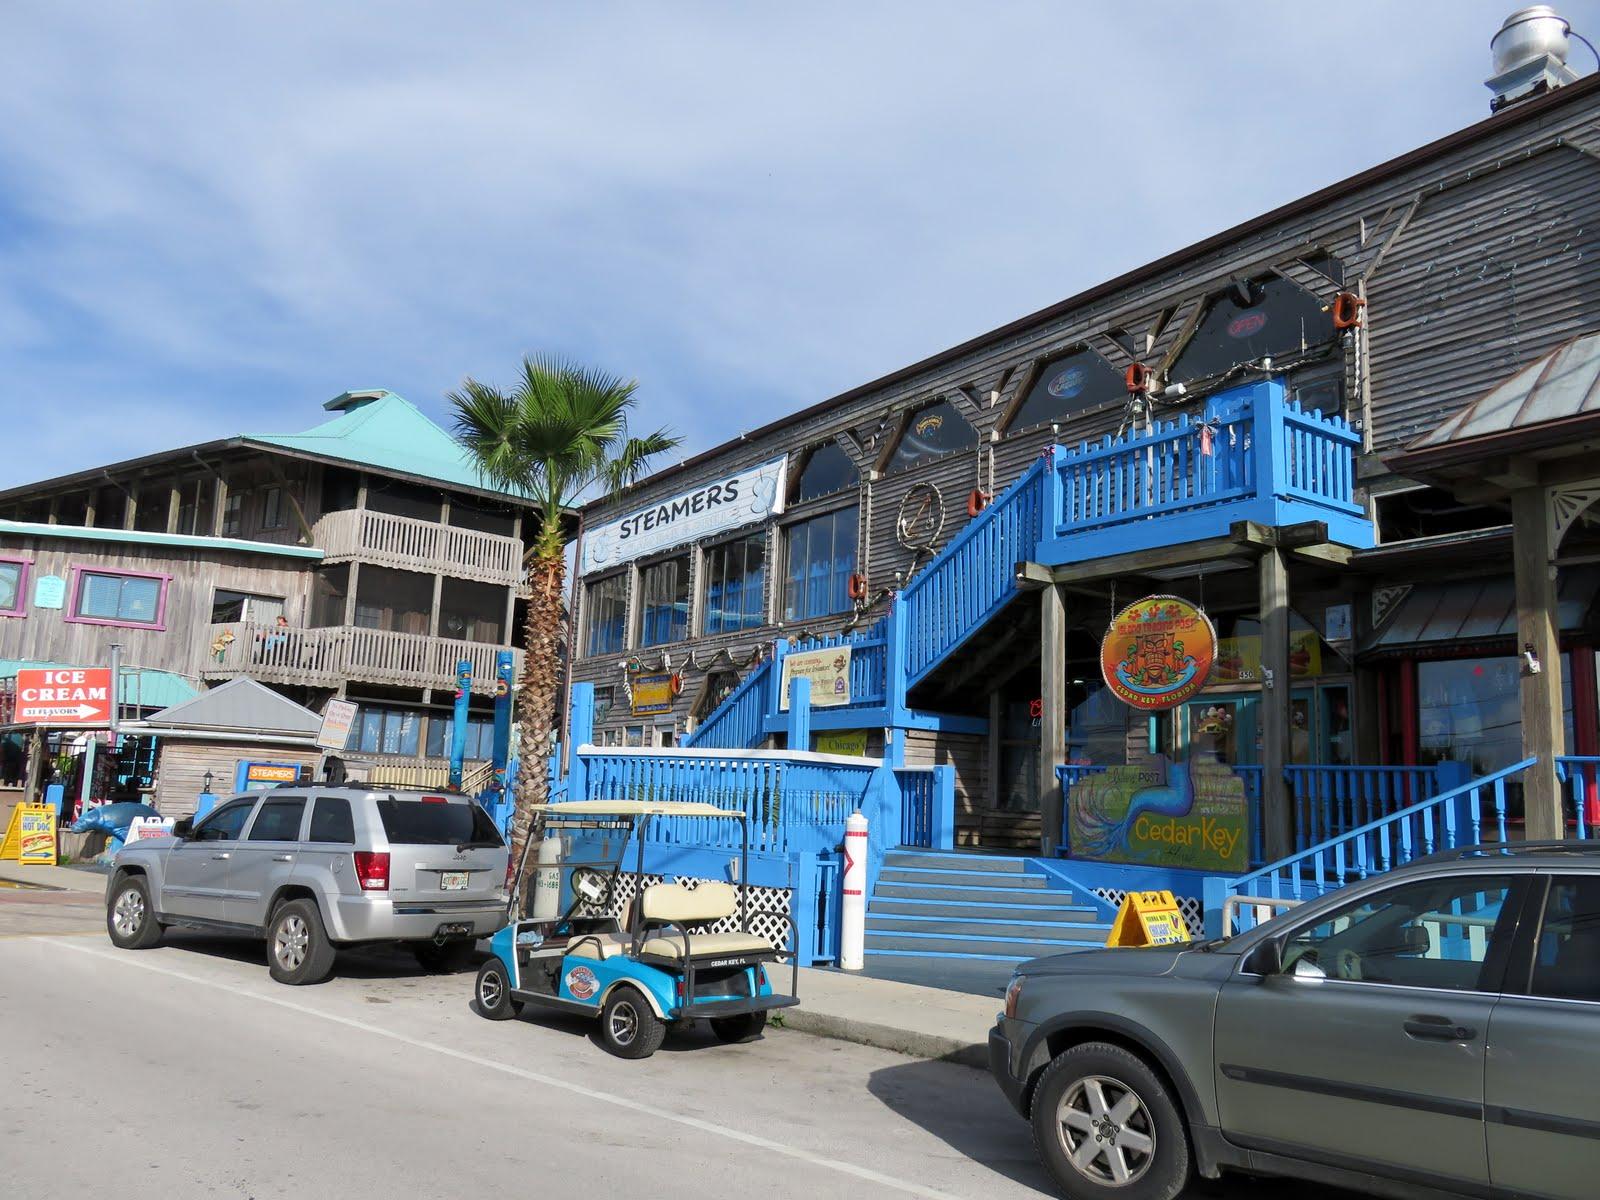 Cedar Key Florida ~ Big daddy dave steamers clam bar and grill cedar key